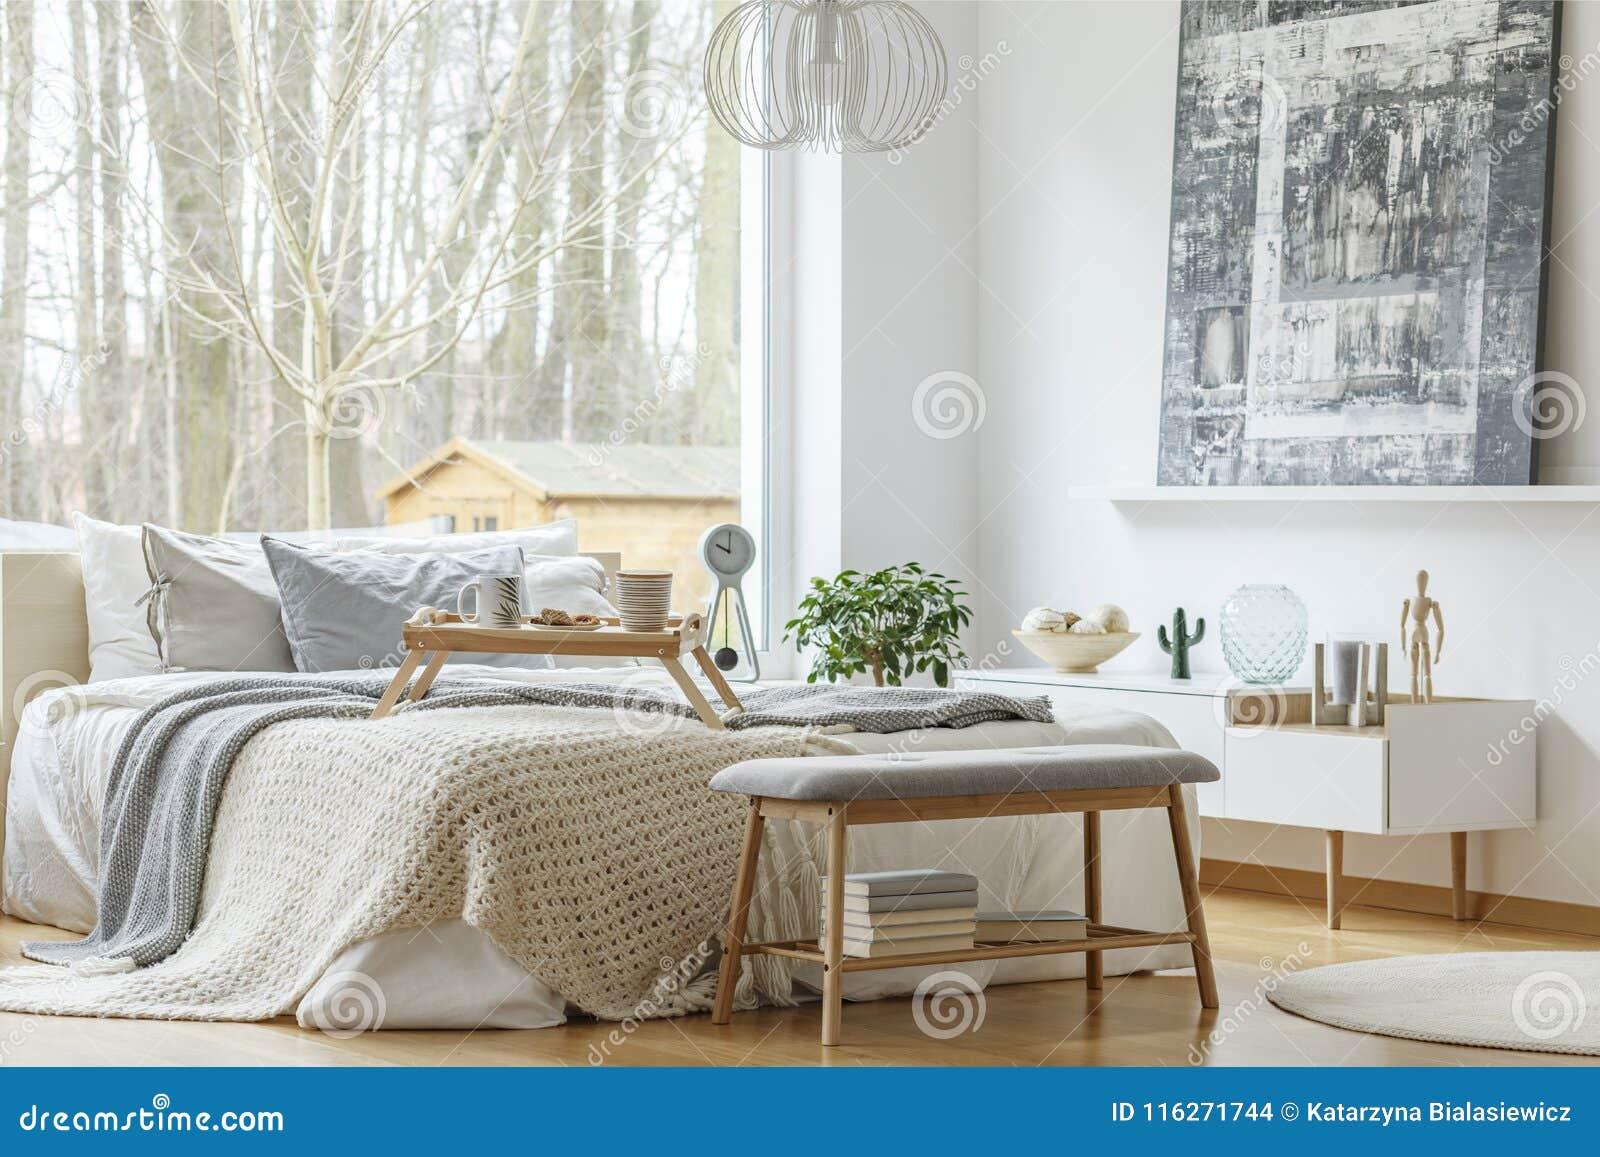 Pittura Stanza Da Letto pittura nell'interno moderno della camera da letto